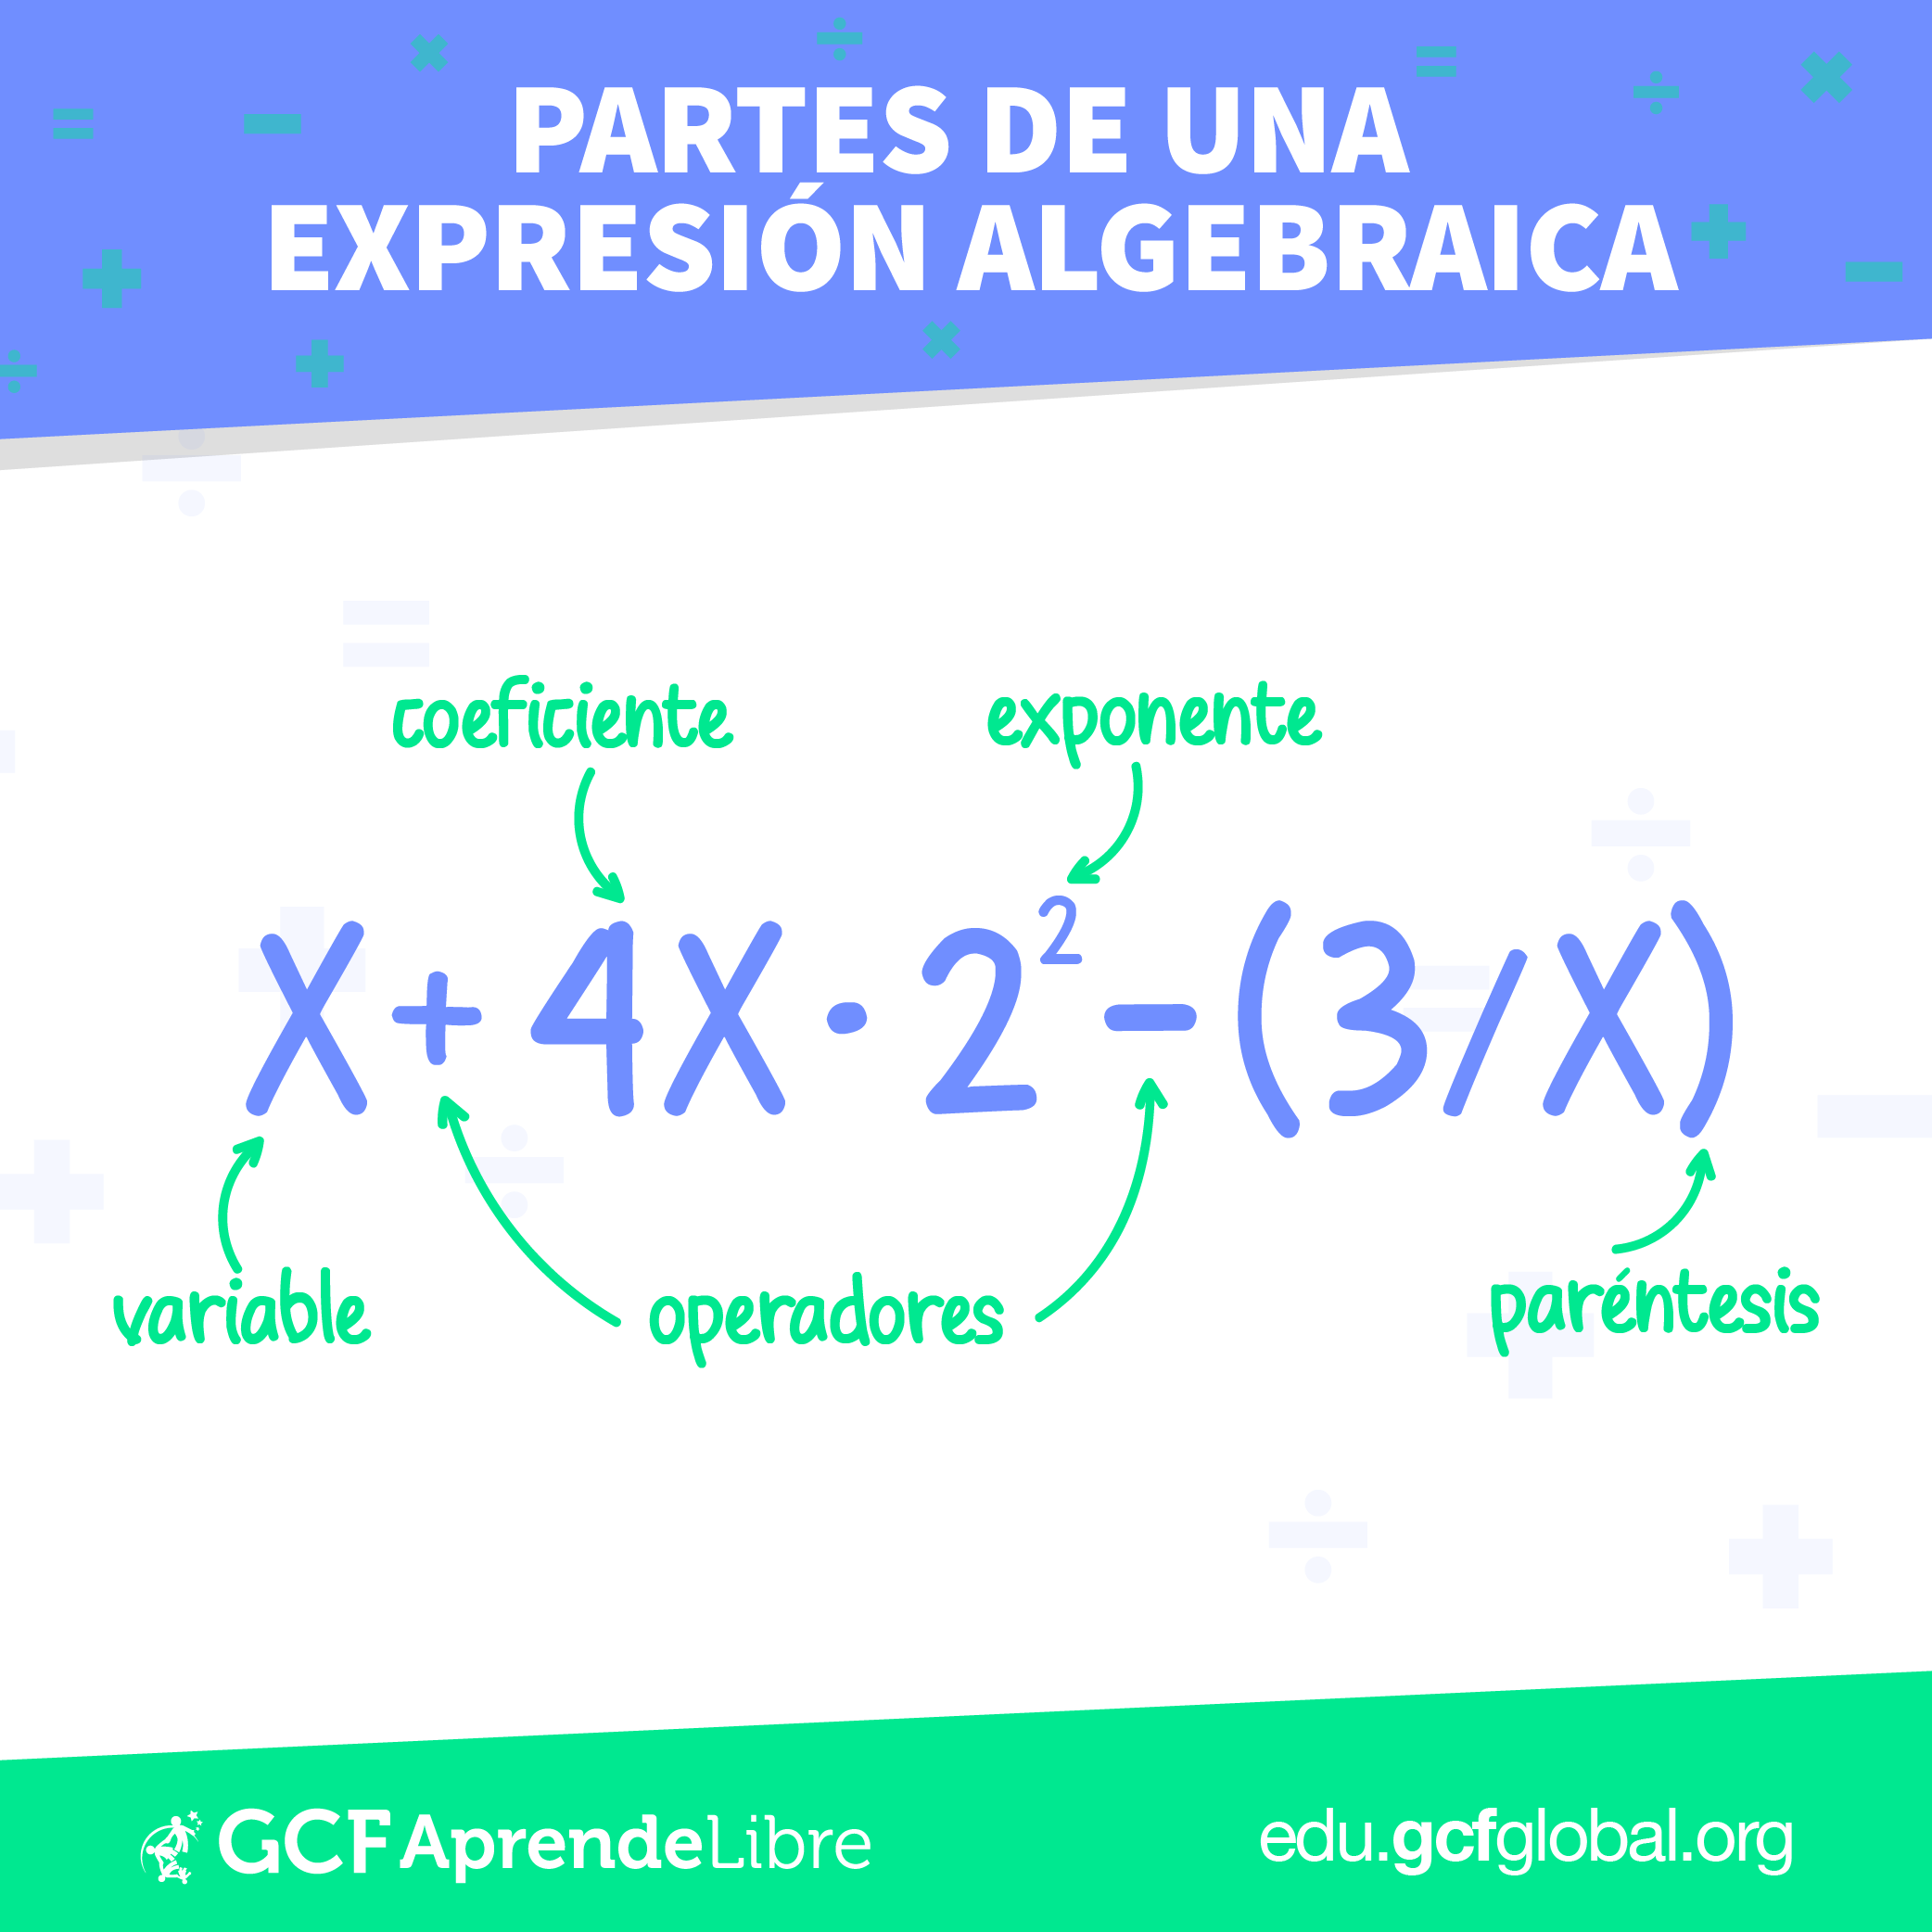 Partes De Una Expresión Algebraica Expresiones Algebraicas Problemas Matemáticos Problemas De álgebra